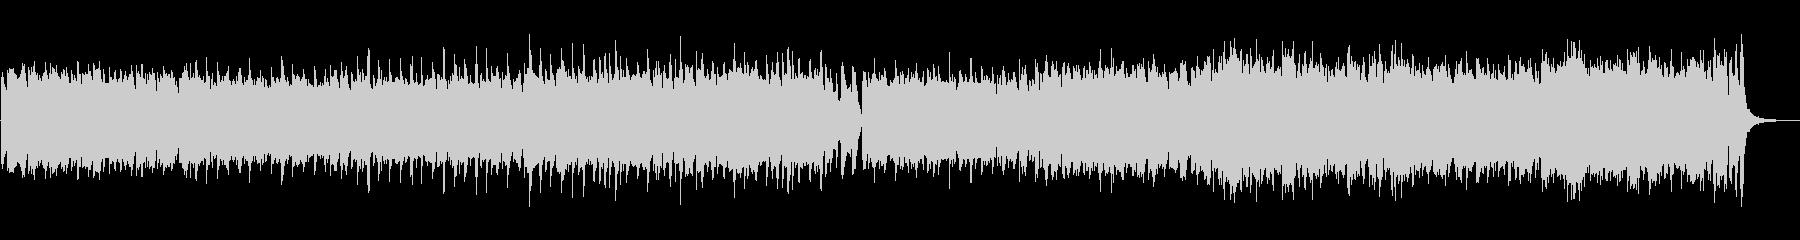 KANTシンプル優雅なピアノ&オケの未再生の波形